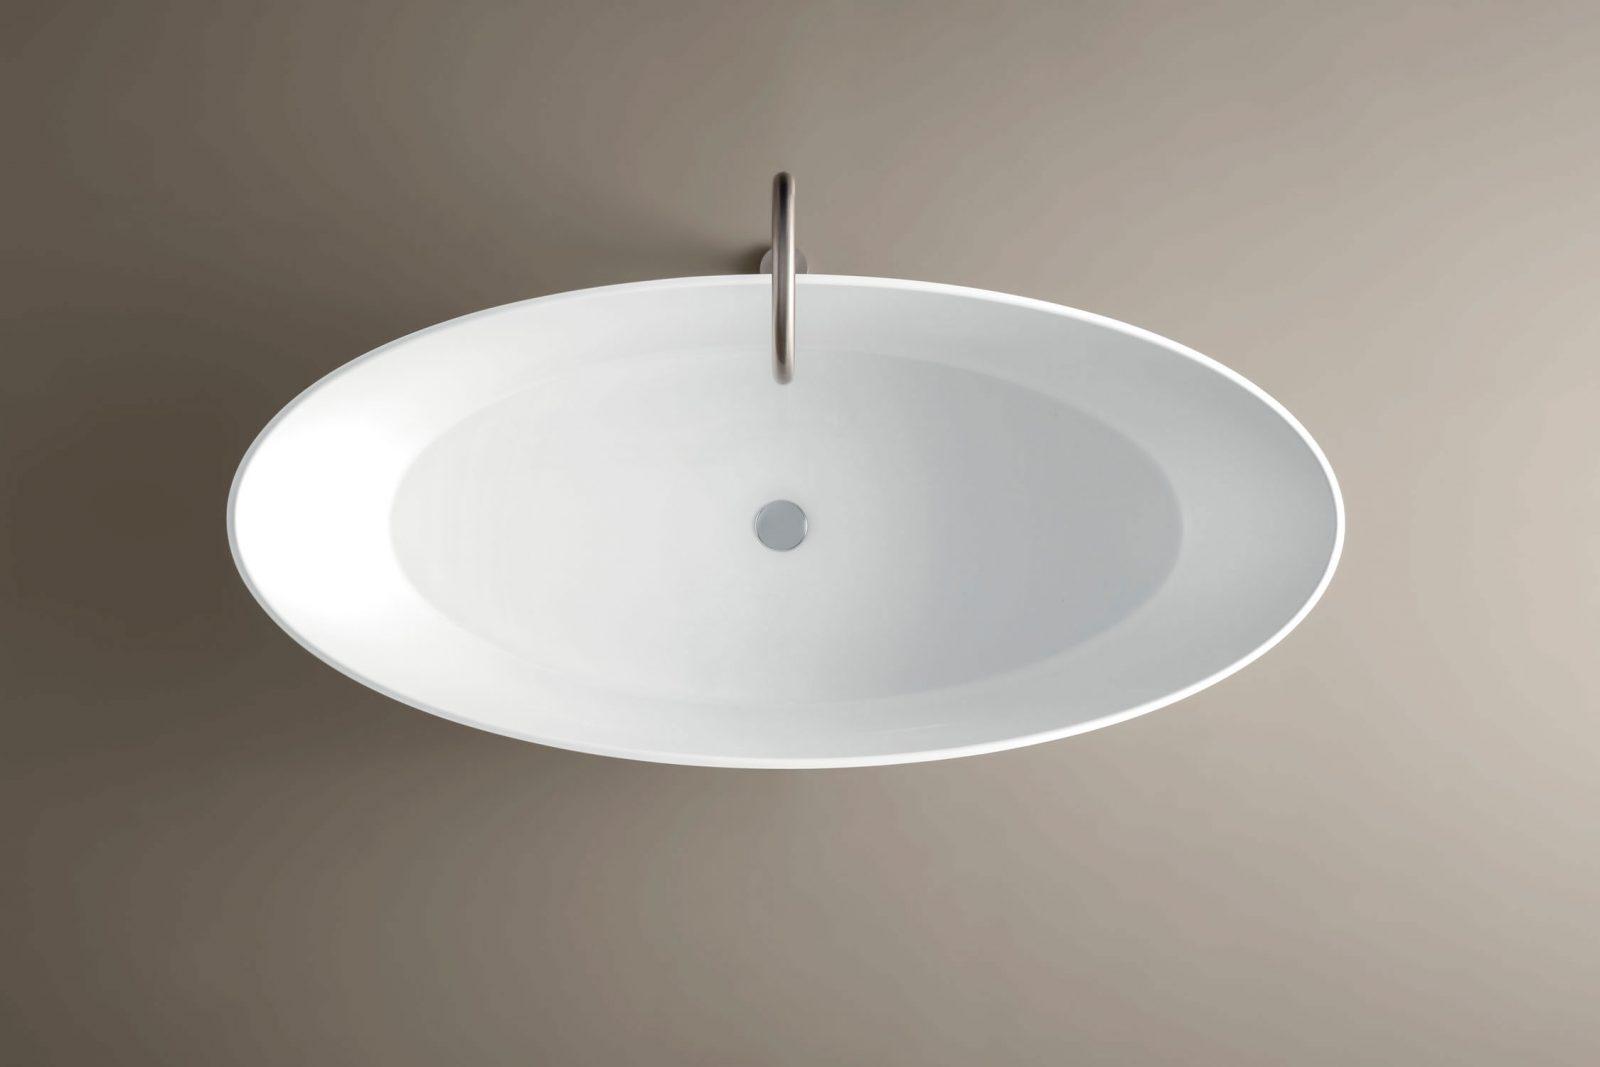 Vasca da bagno Tub - Vasche da bagno - Ibra